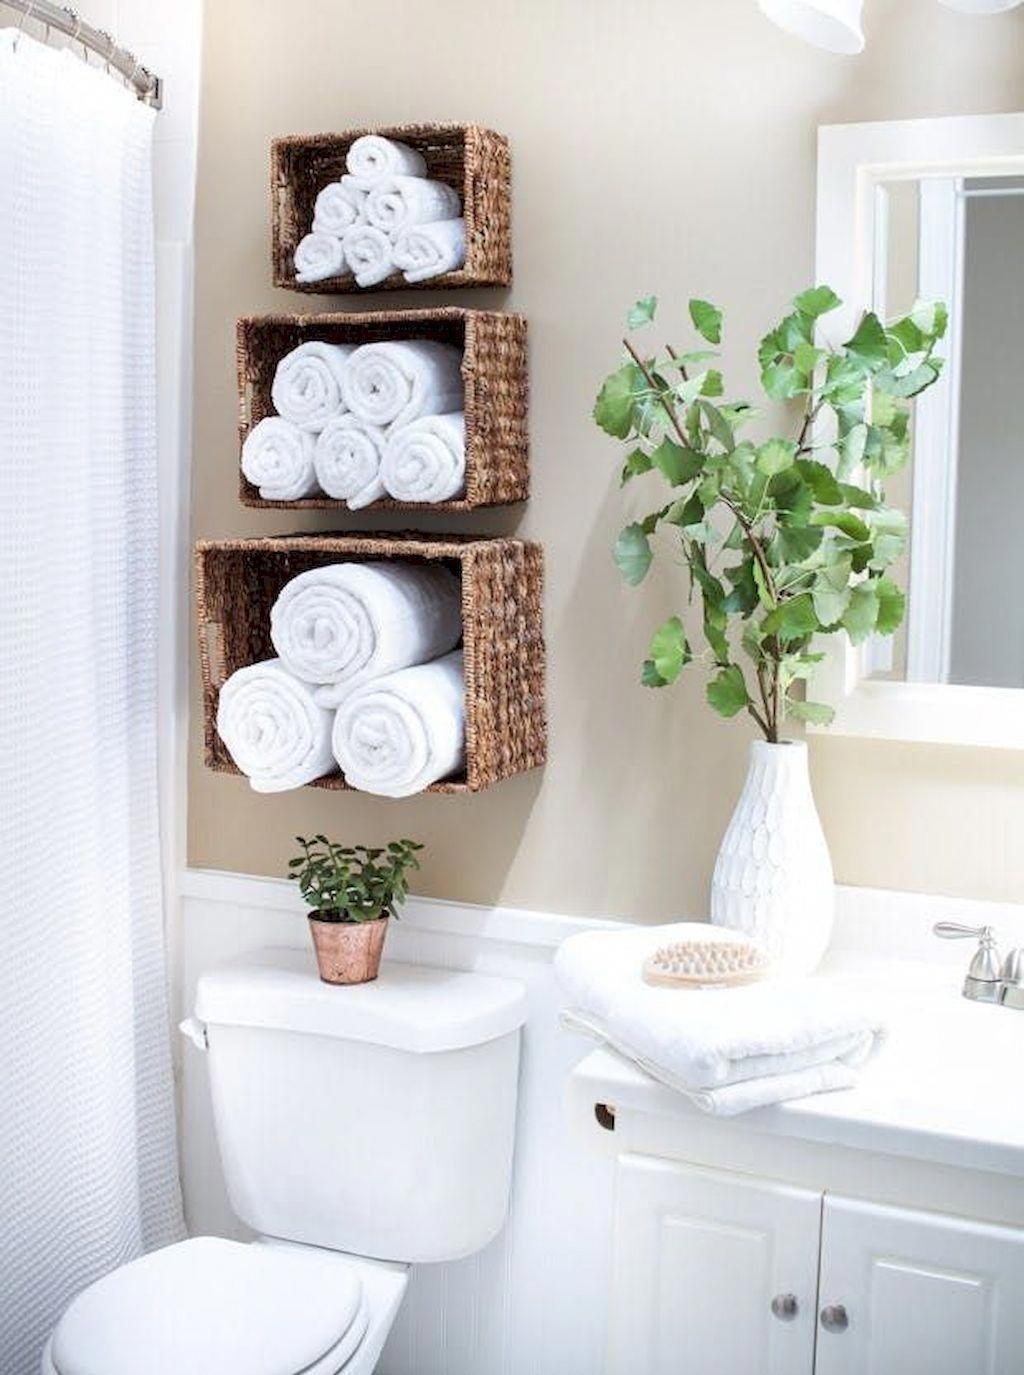 Pin von Jules Red auf Bathroom Inspiration   Badezimmer ...